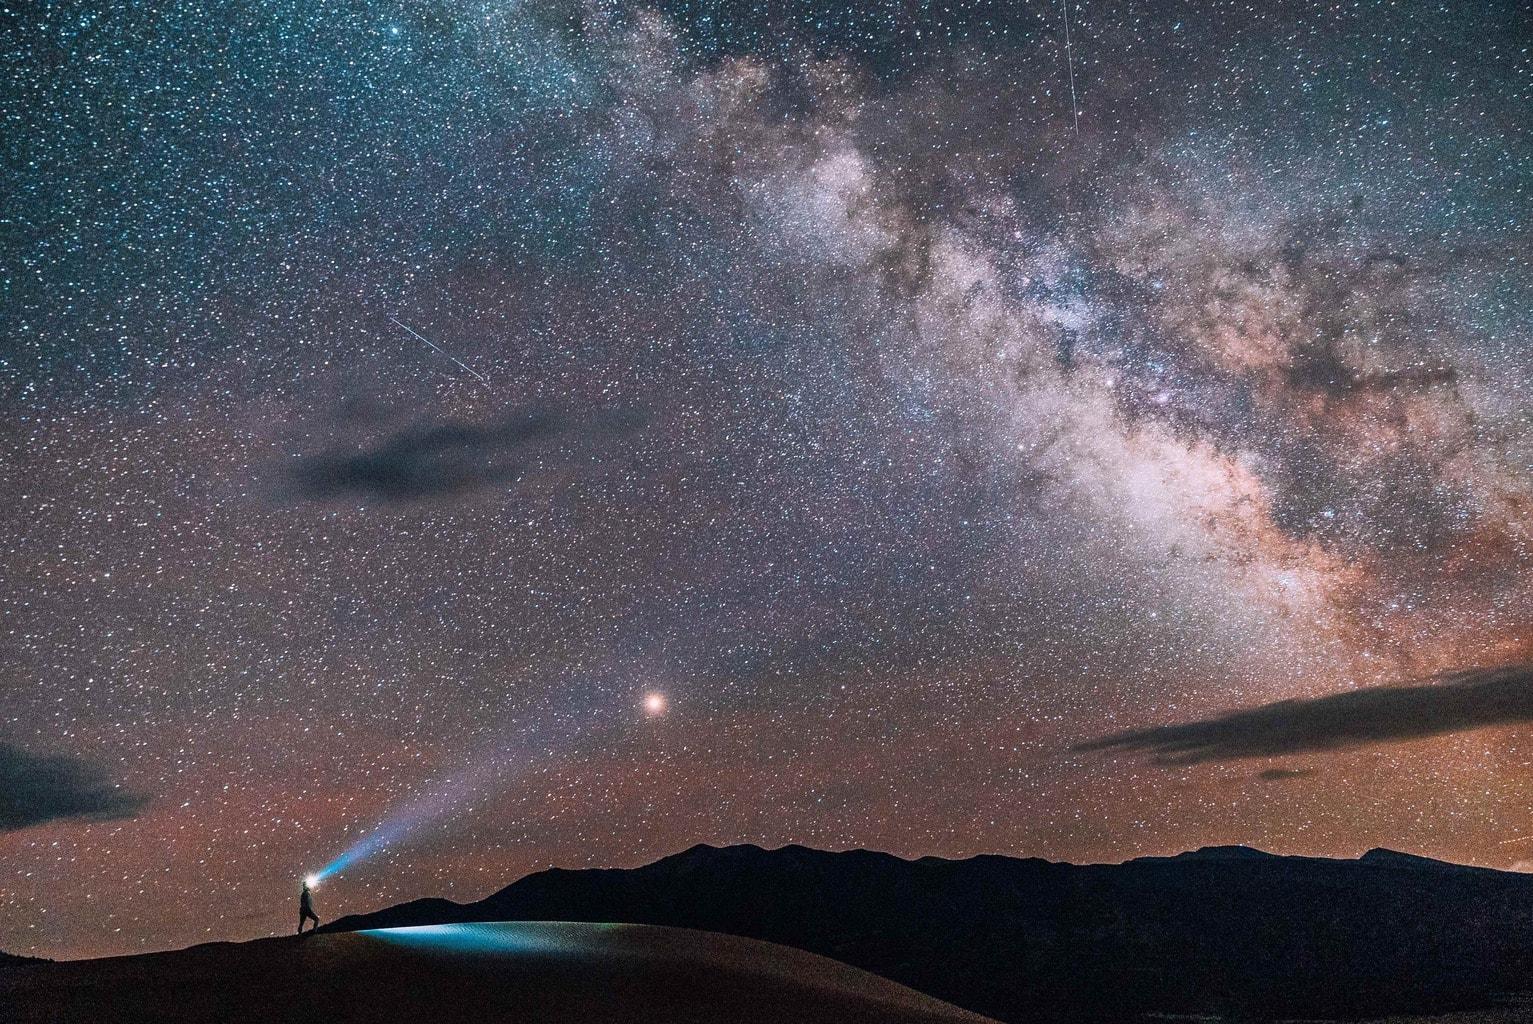 fotografía nocturna fotógrafo con linterna en montañas y estrellas y  vía láctea en el cielo